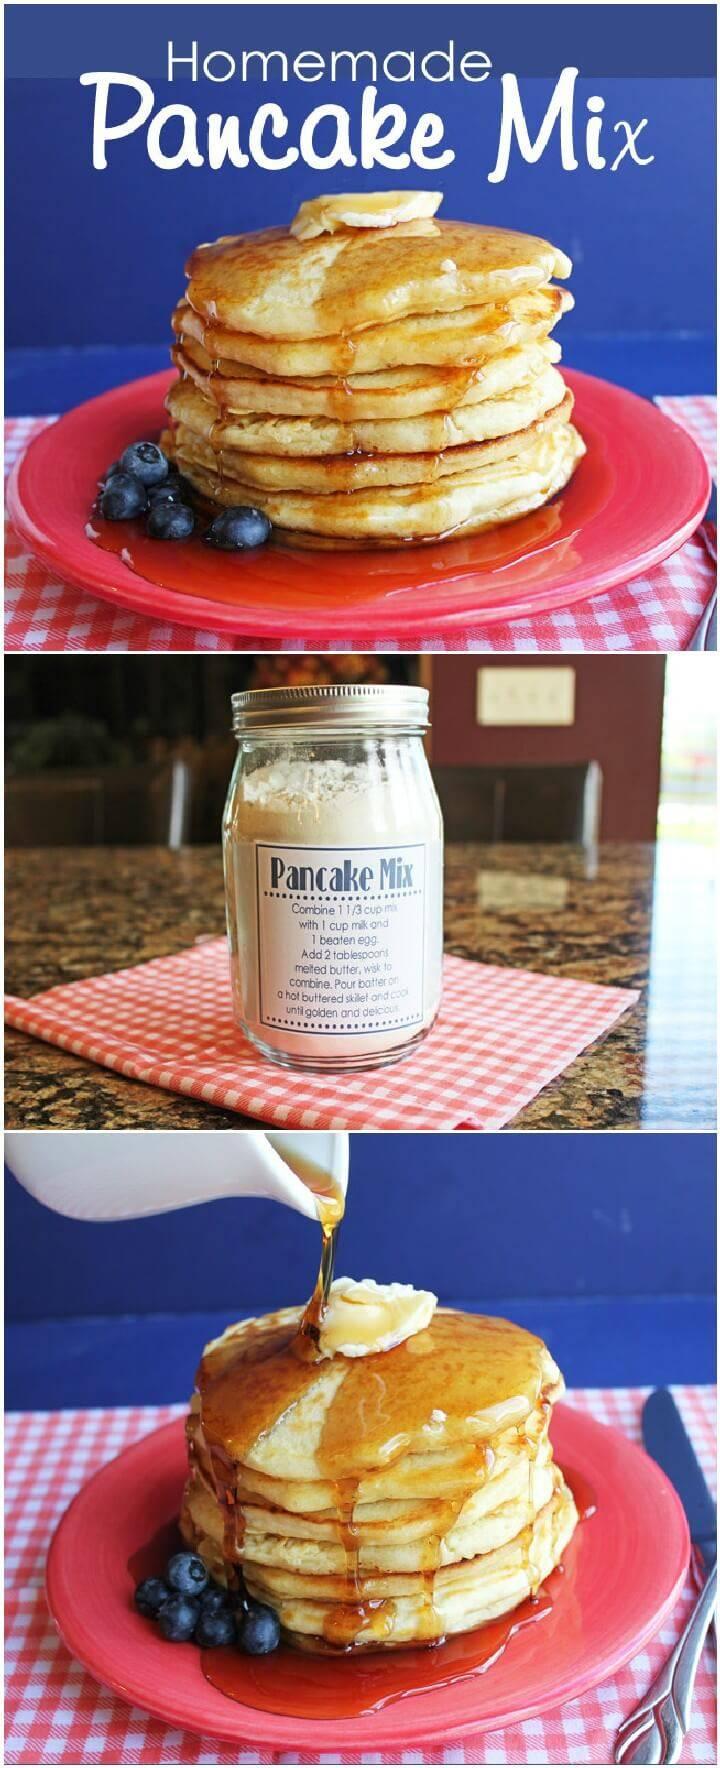 DIY Mason Jar Pancake Mix Gift